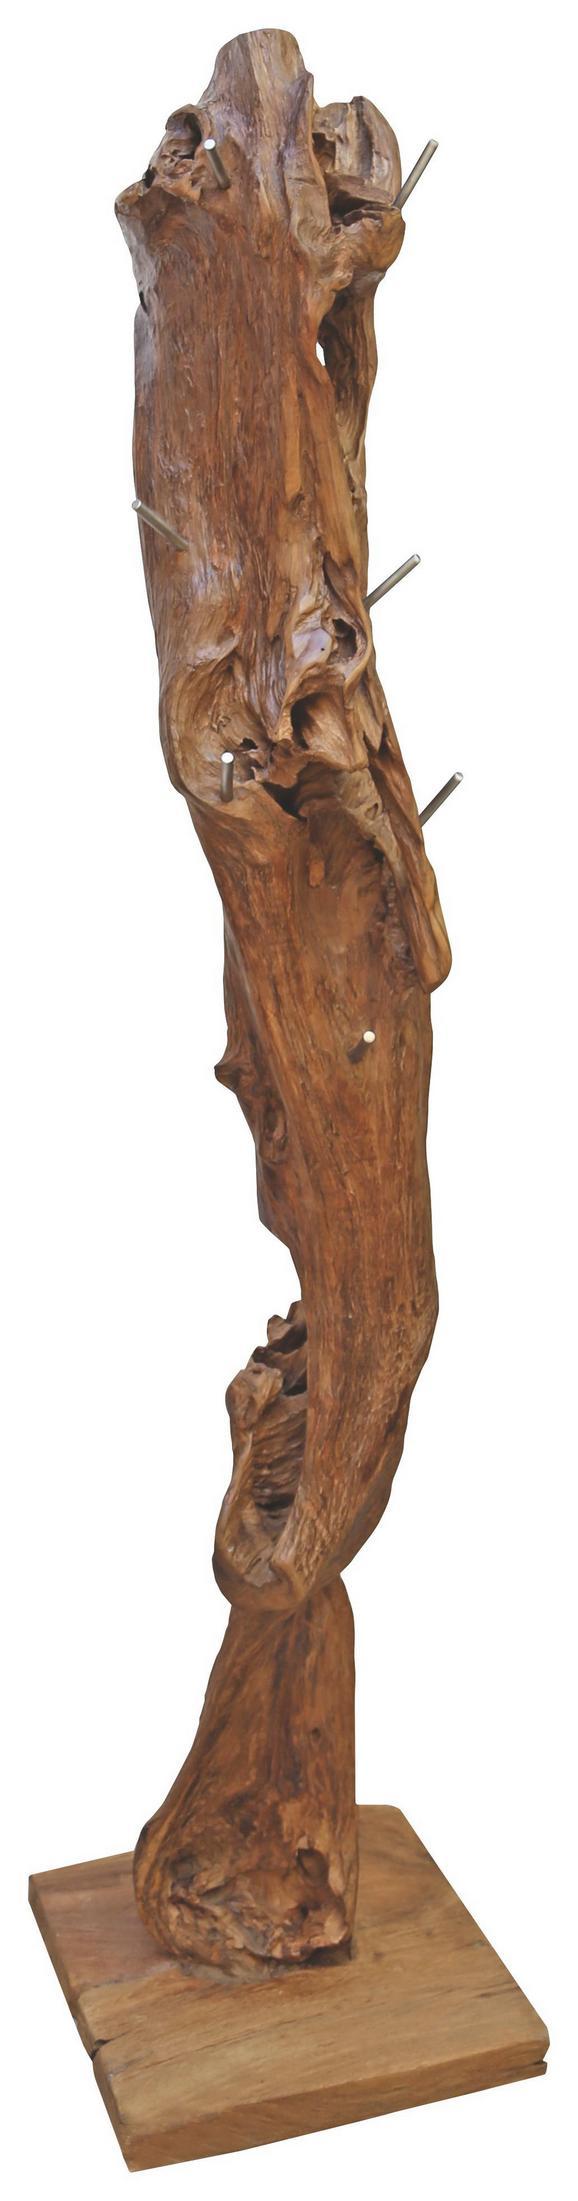 Kleiderständer Holz kleiderständer in teakfarben kaufen mömax